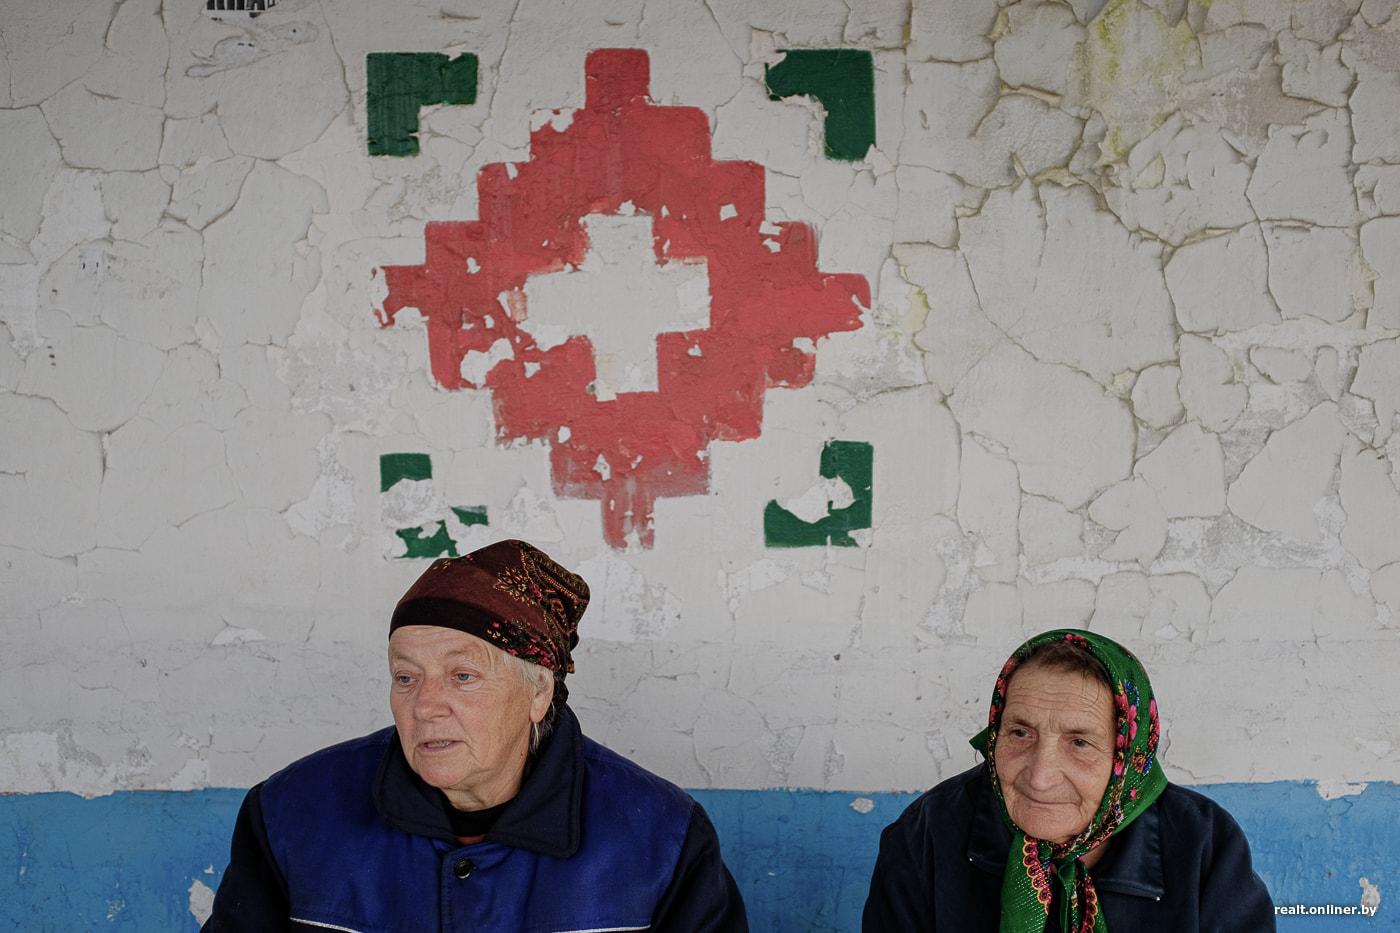 Сельчане из Борисовского района рассказали, как бороться с осенней хандрой 19